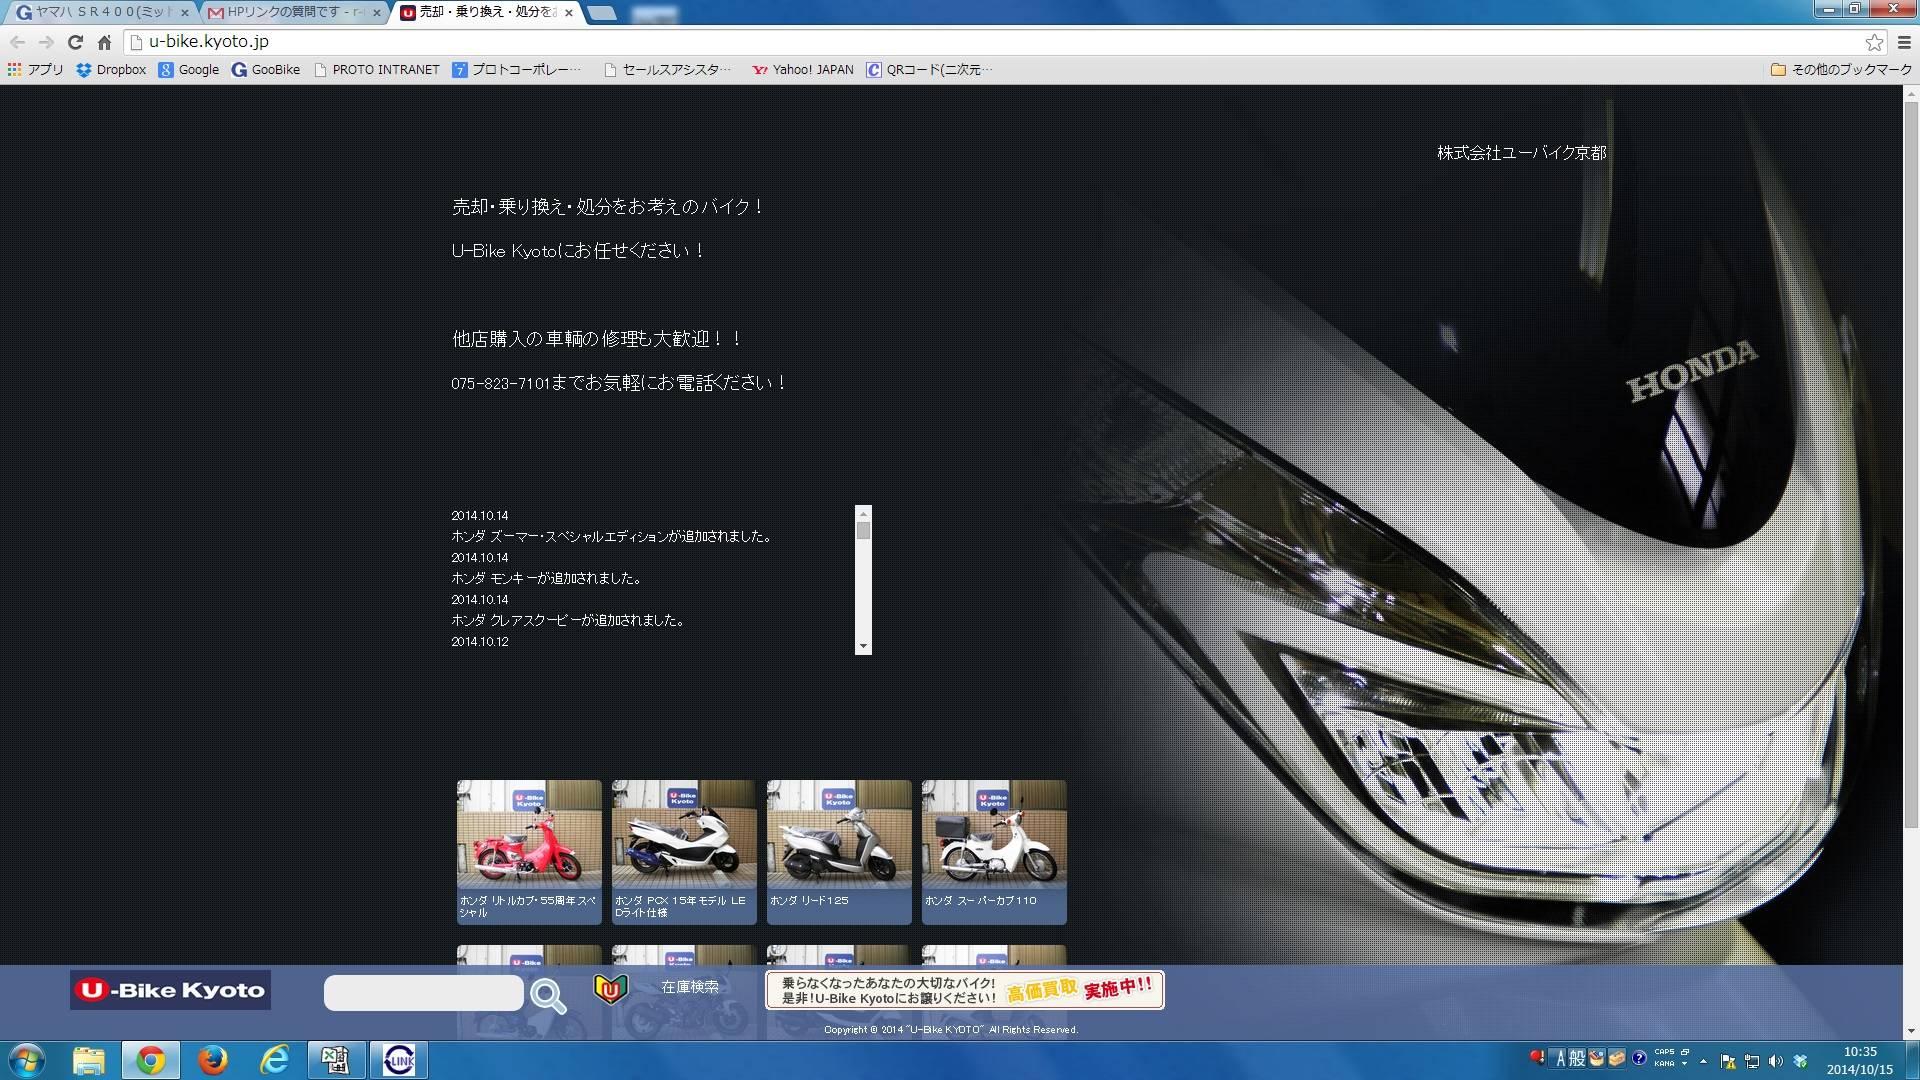 U−Bike Kyoto (株式会社ユーバイク京都)